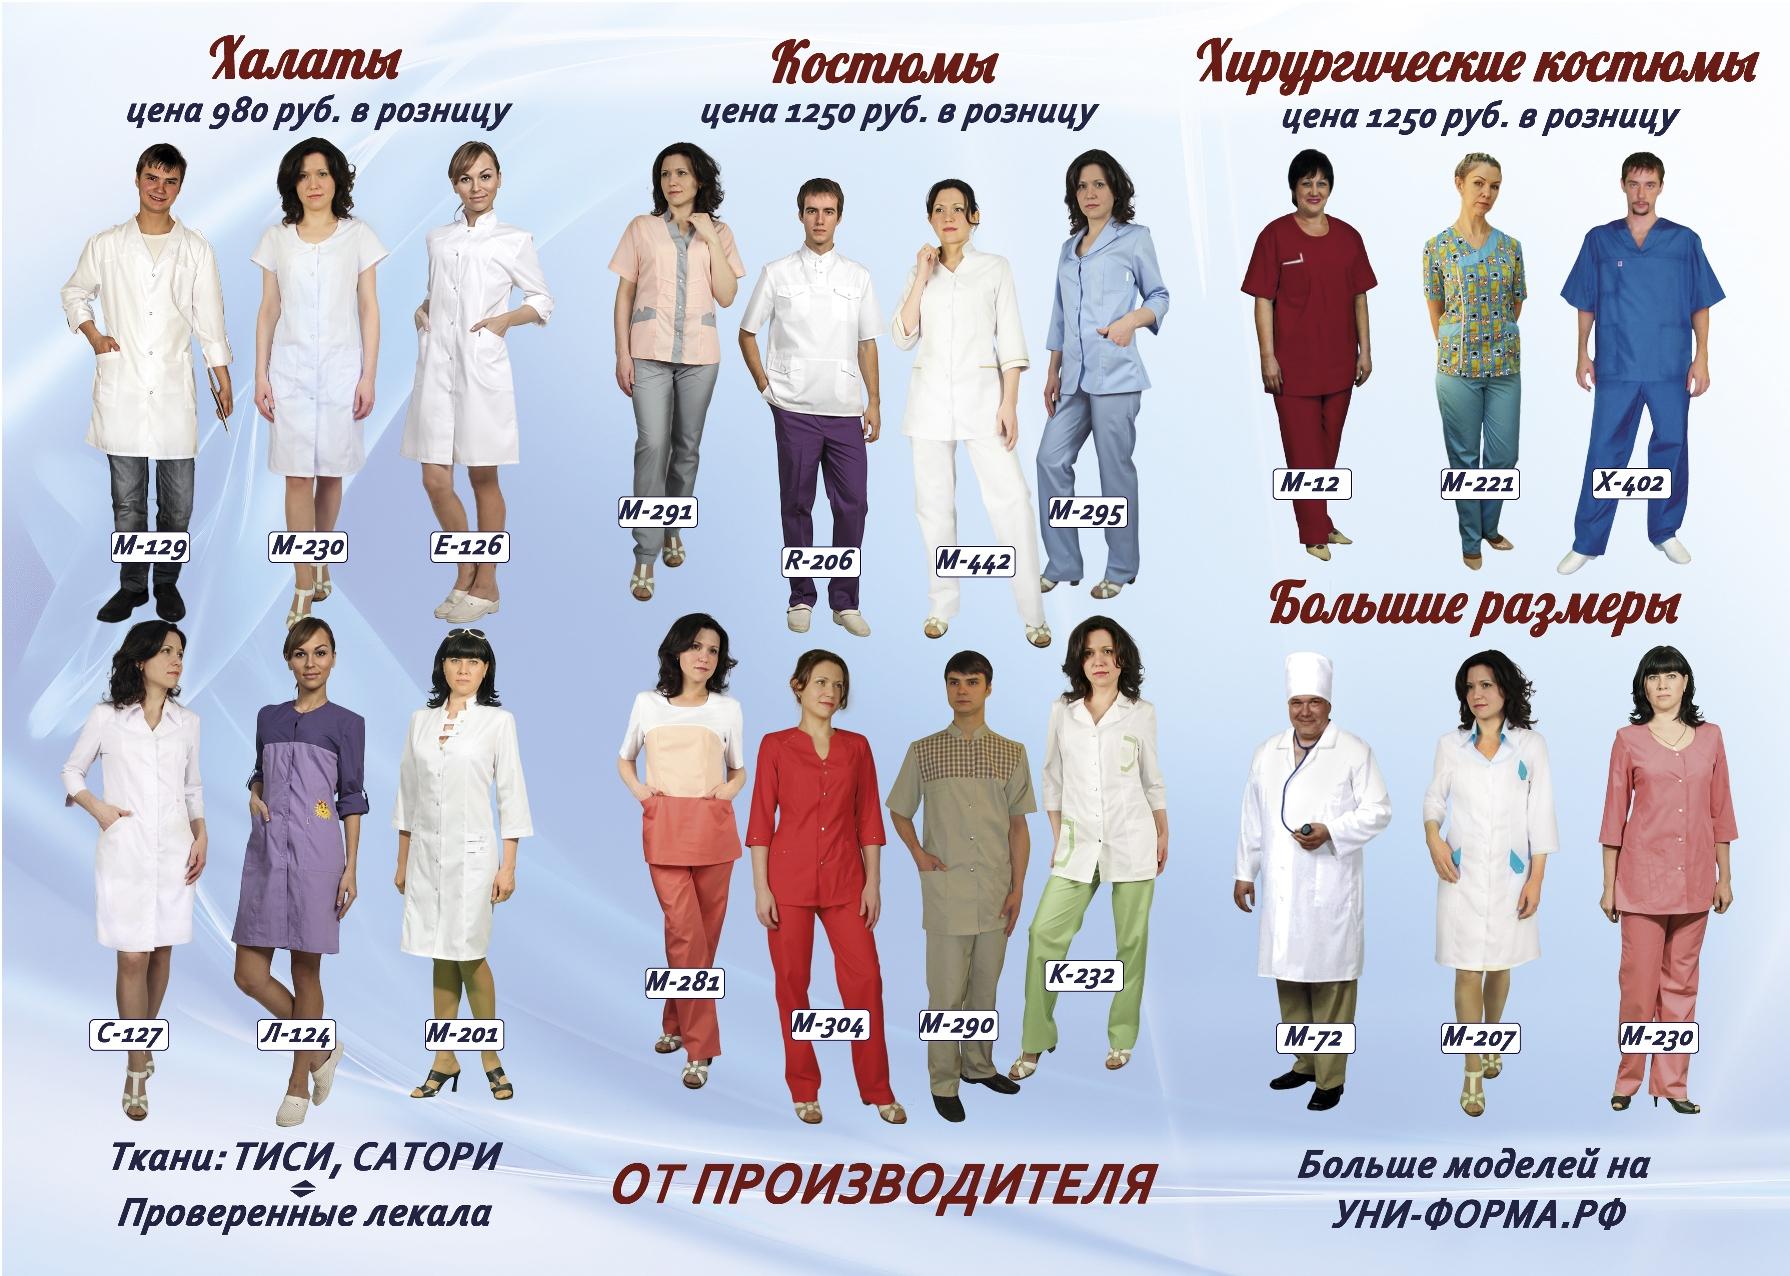 Интернет-магазин качественной медицинской одежды